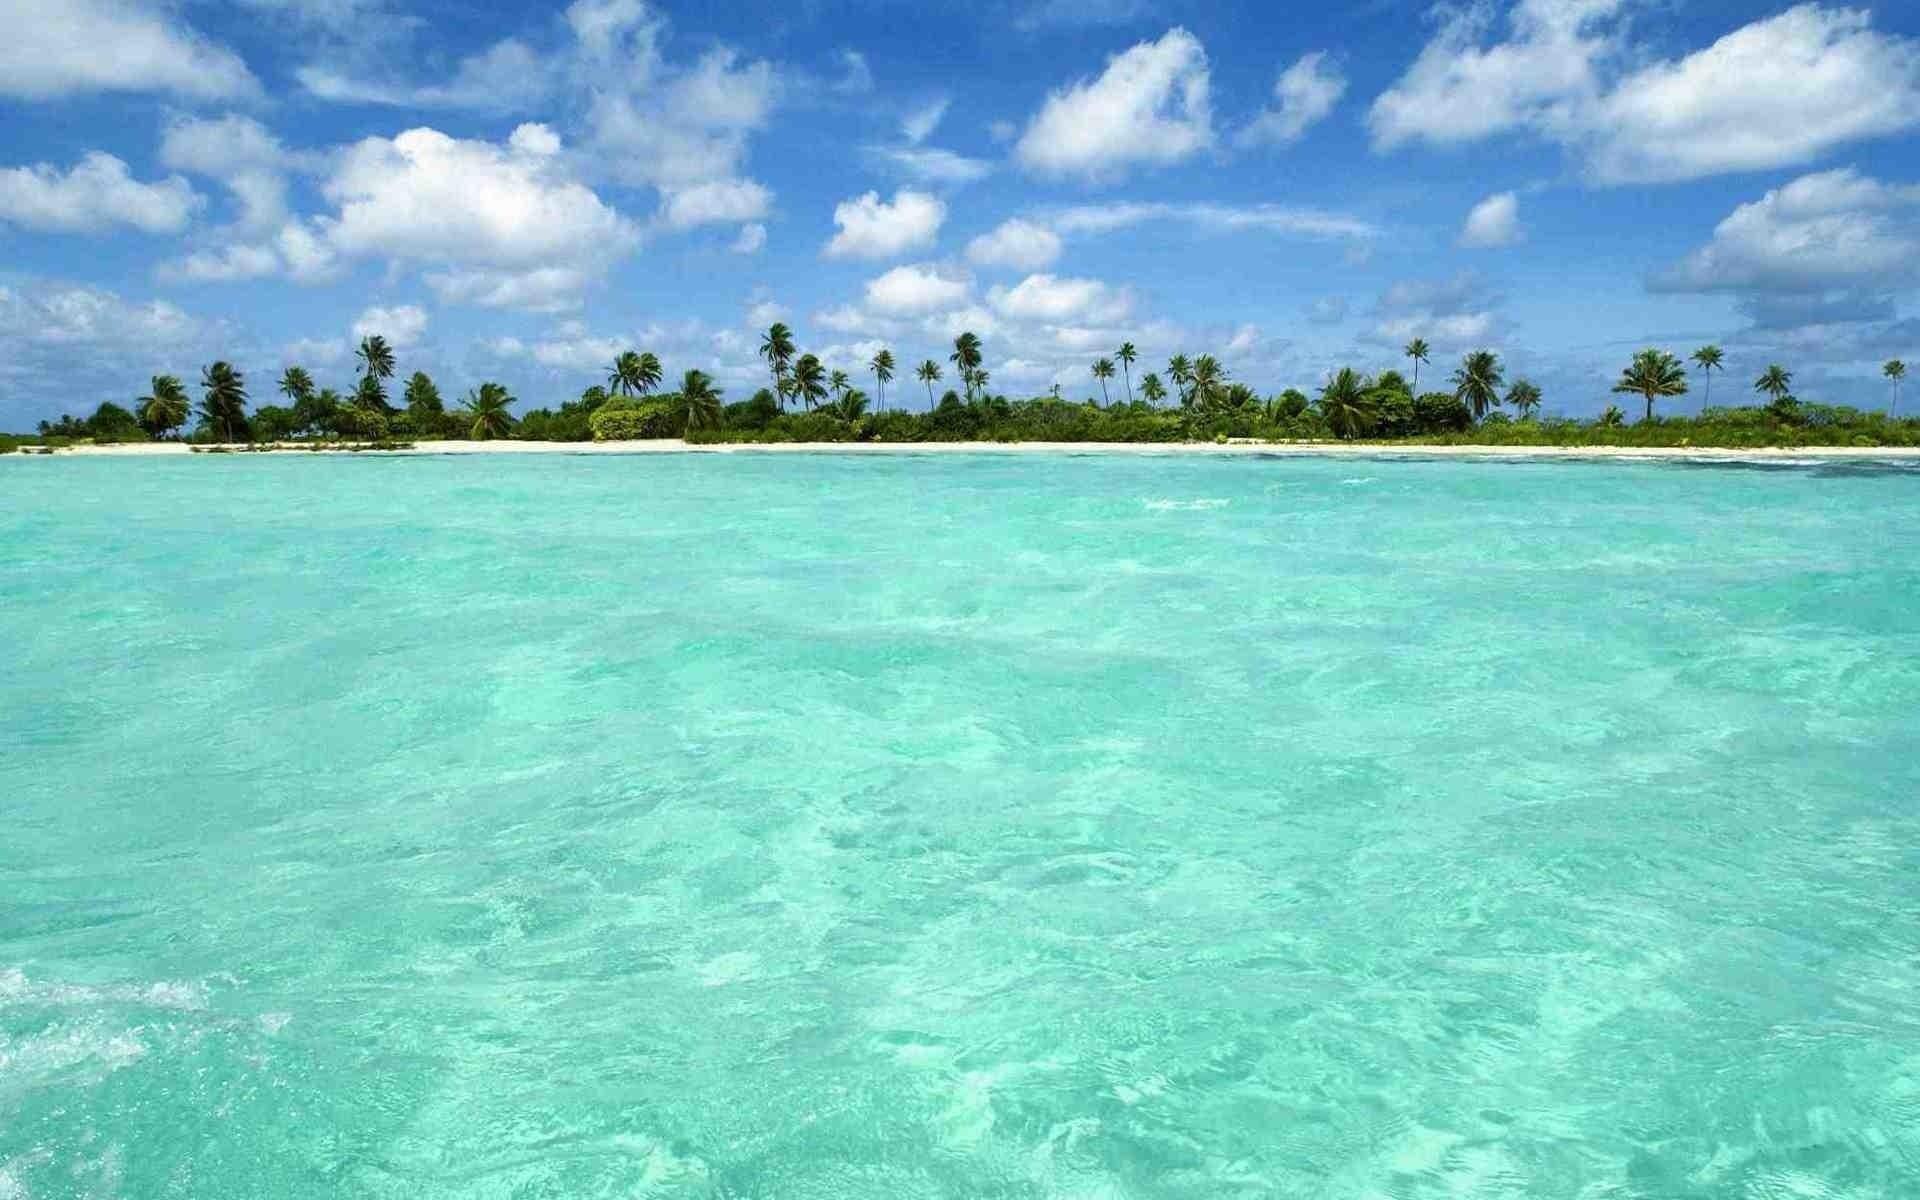 картинки в хорошем качестве море пляж бирюза